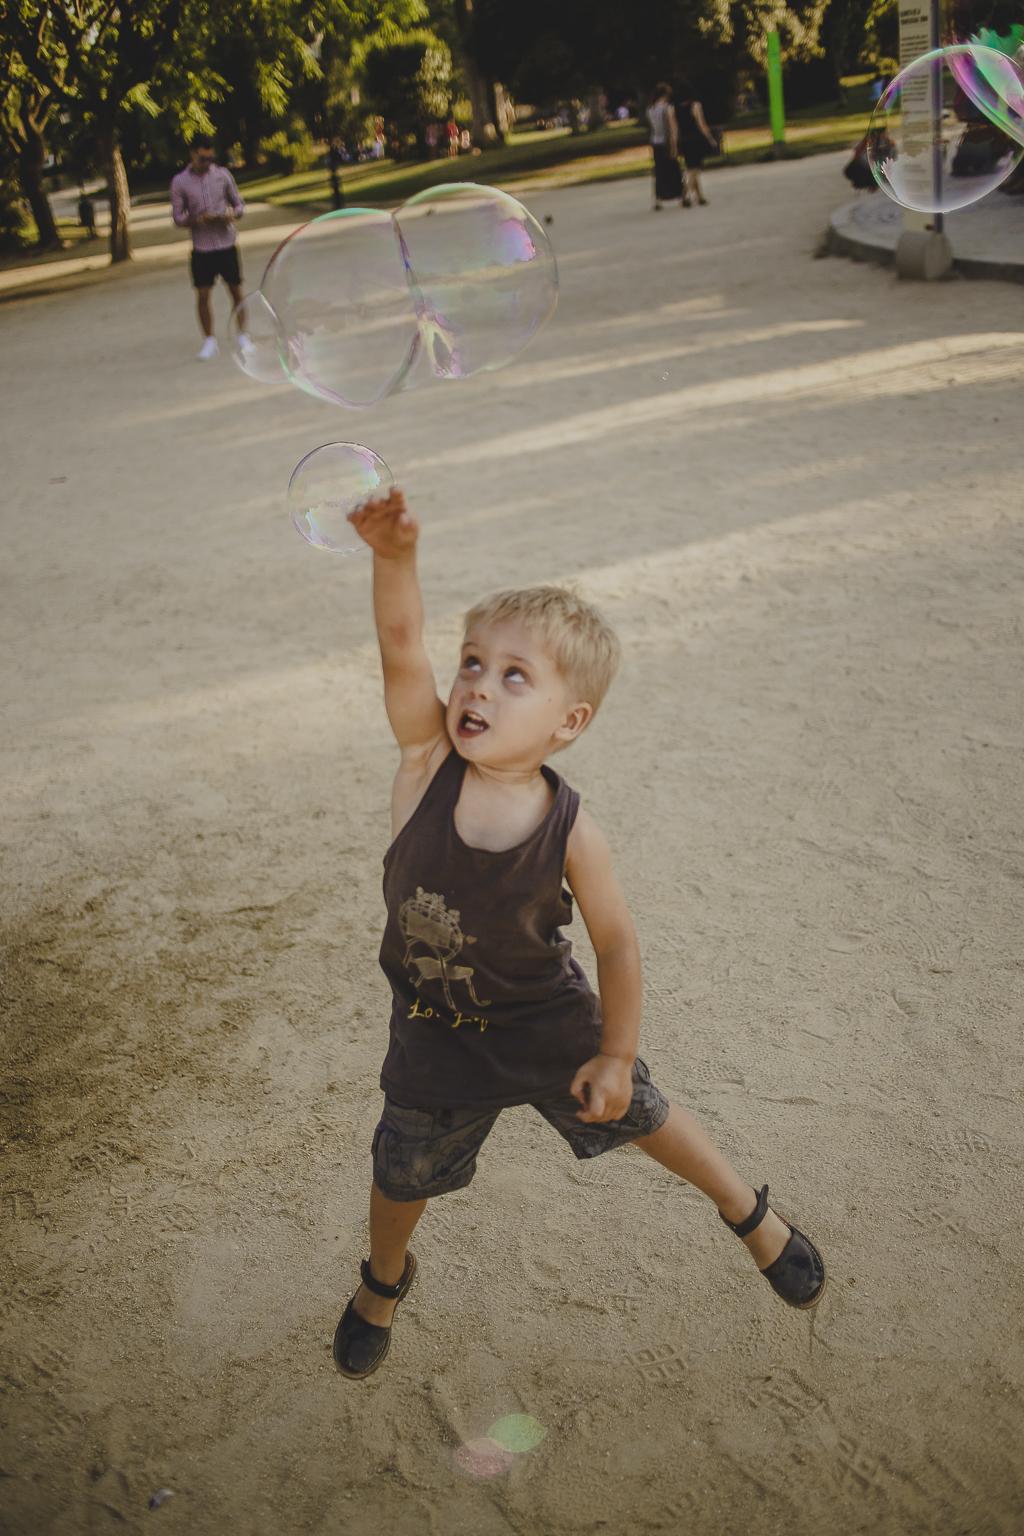 fotógrafo de familia :: fotíografo familiar :: fotografía de familia Barcelona :: Parc de la Ciutadella